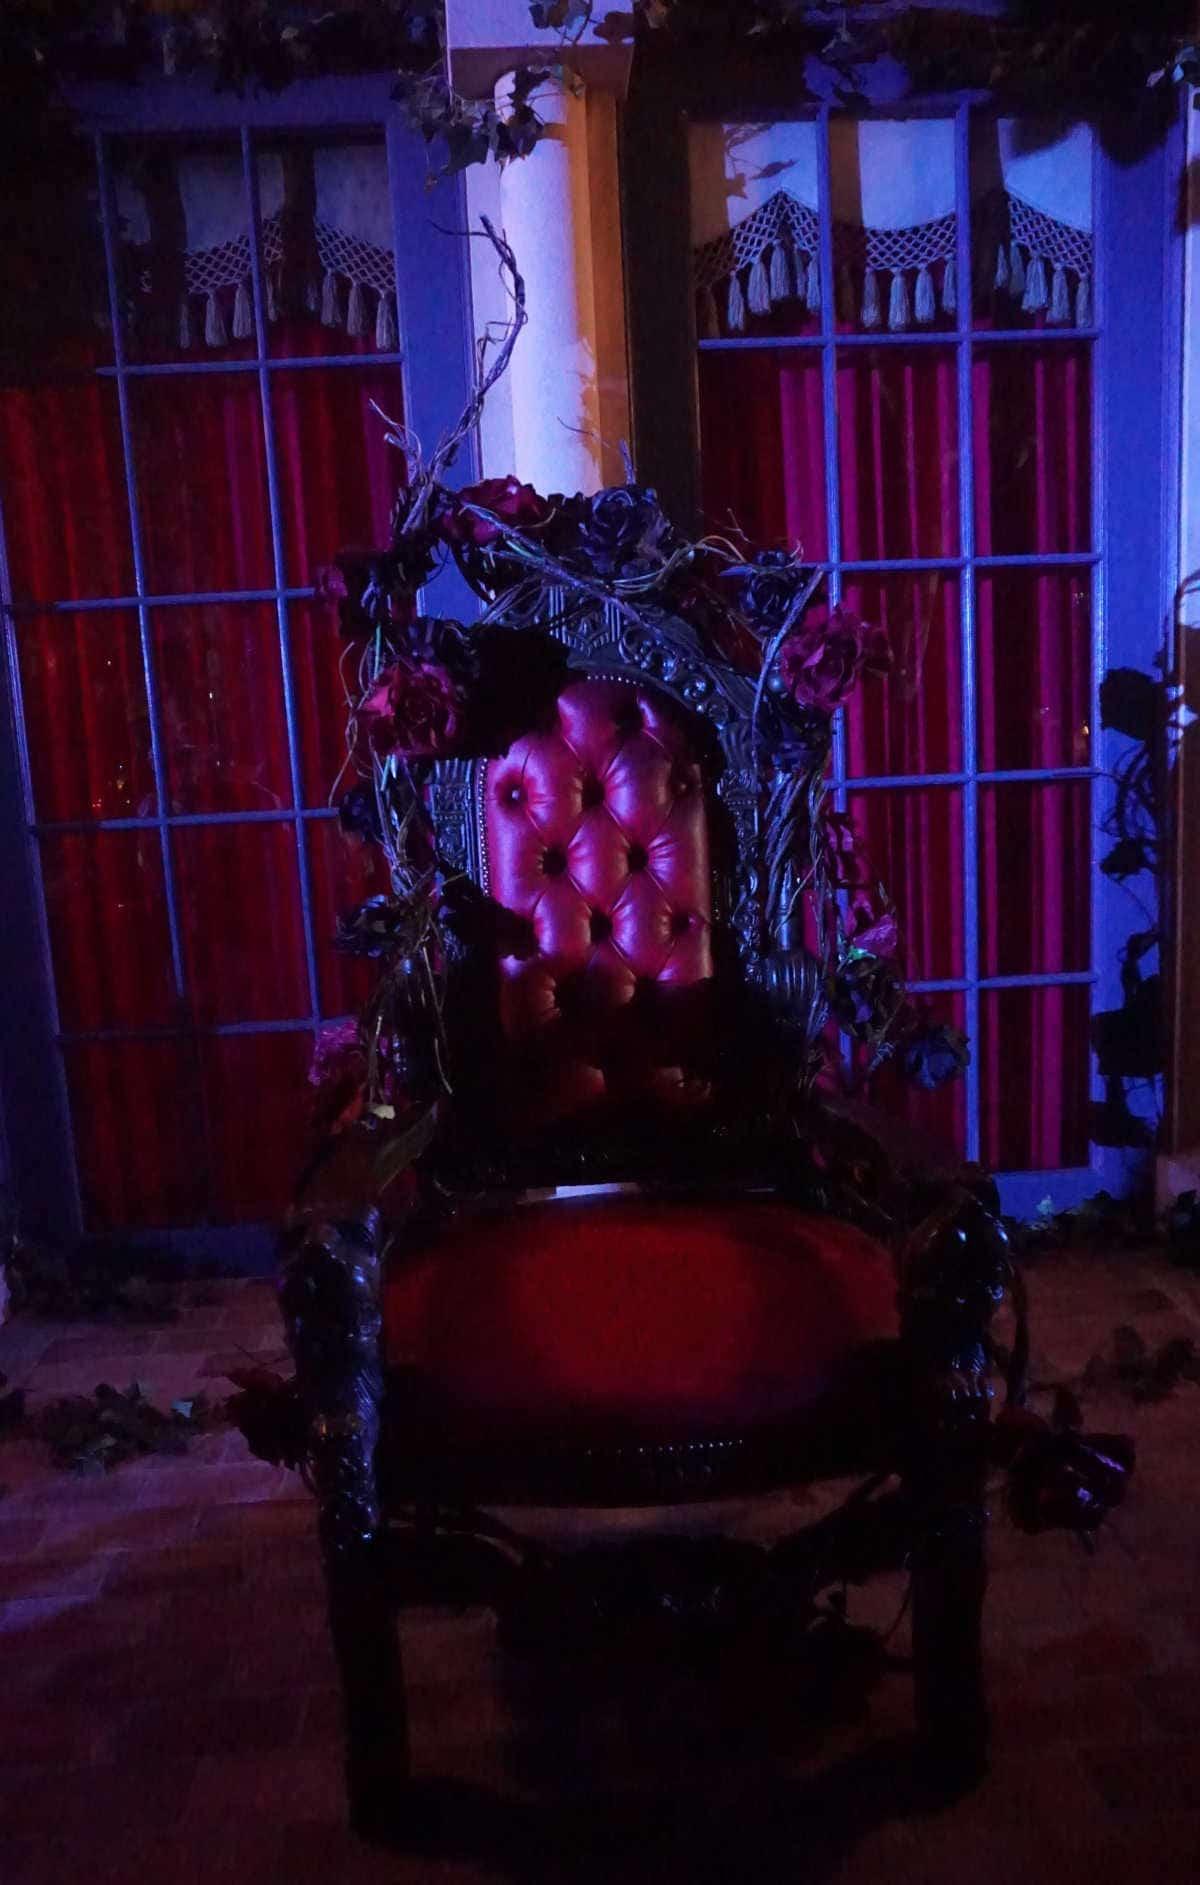 呪われた薔薇園ローザ様の椅子